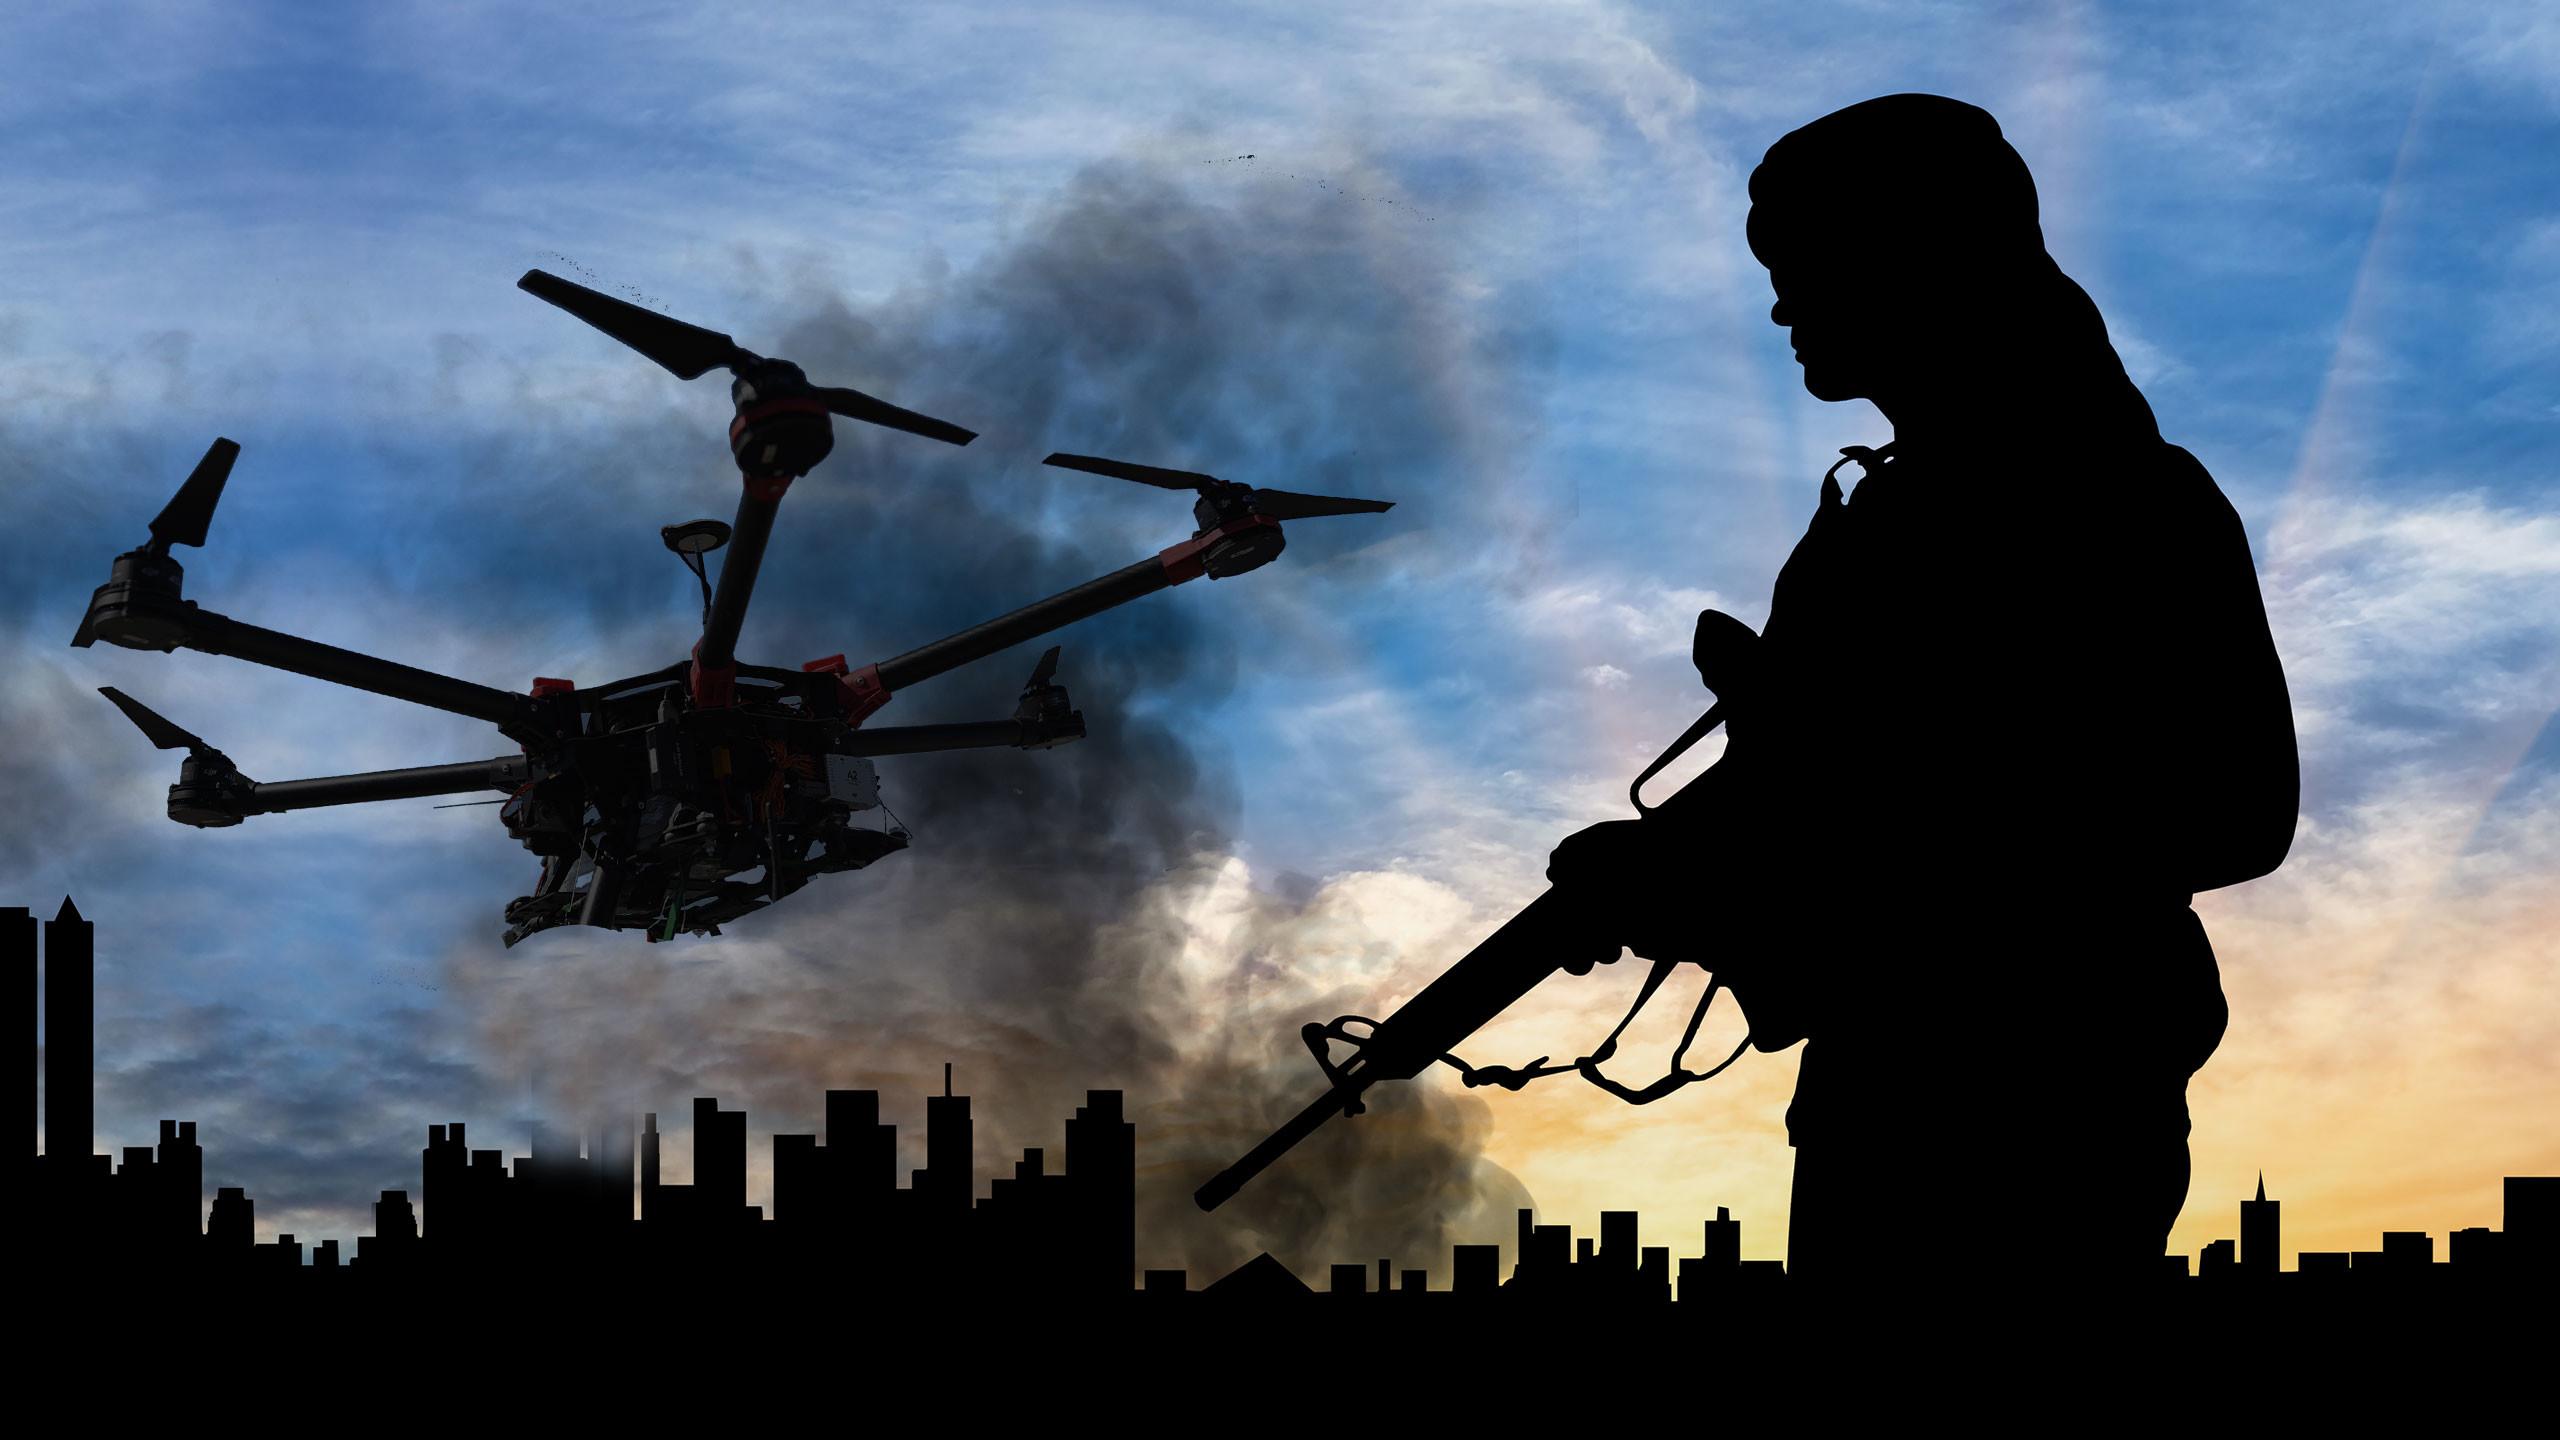 <p>Коллаж L!FE. Фото: &copy; РИА Новости/<span>Валерий Мельников</span><span>, </span>Shutterstock</p>